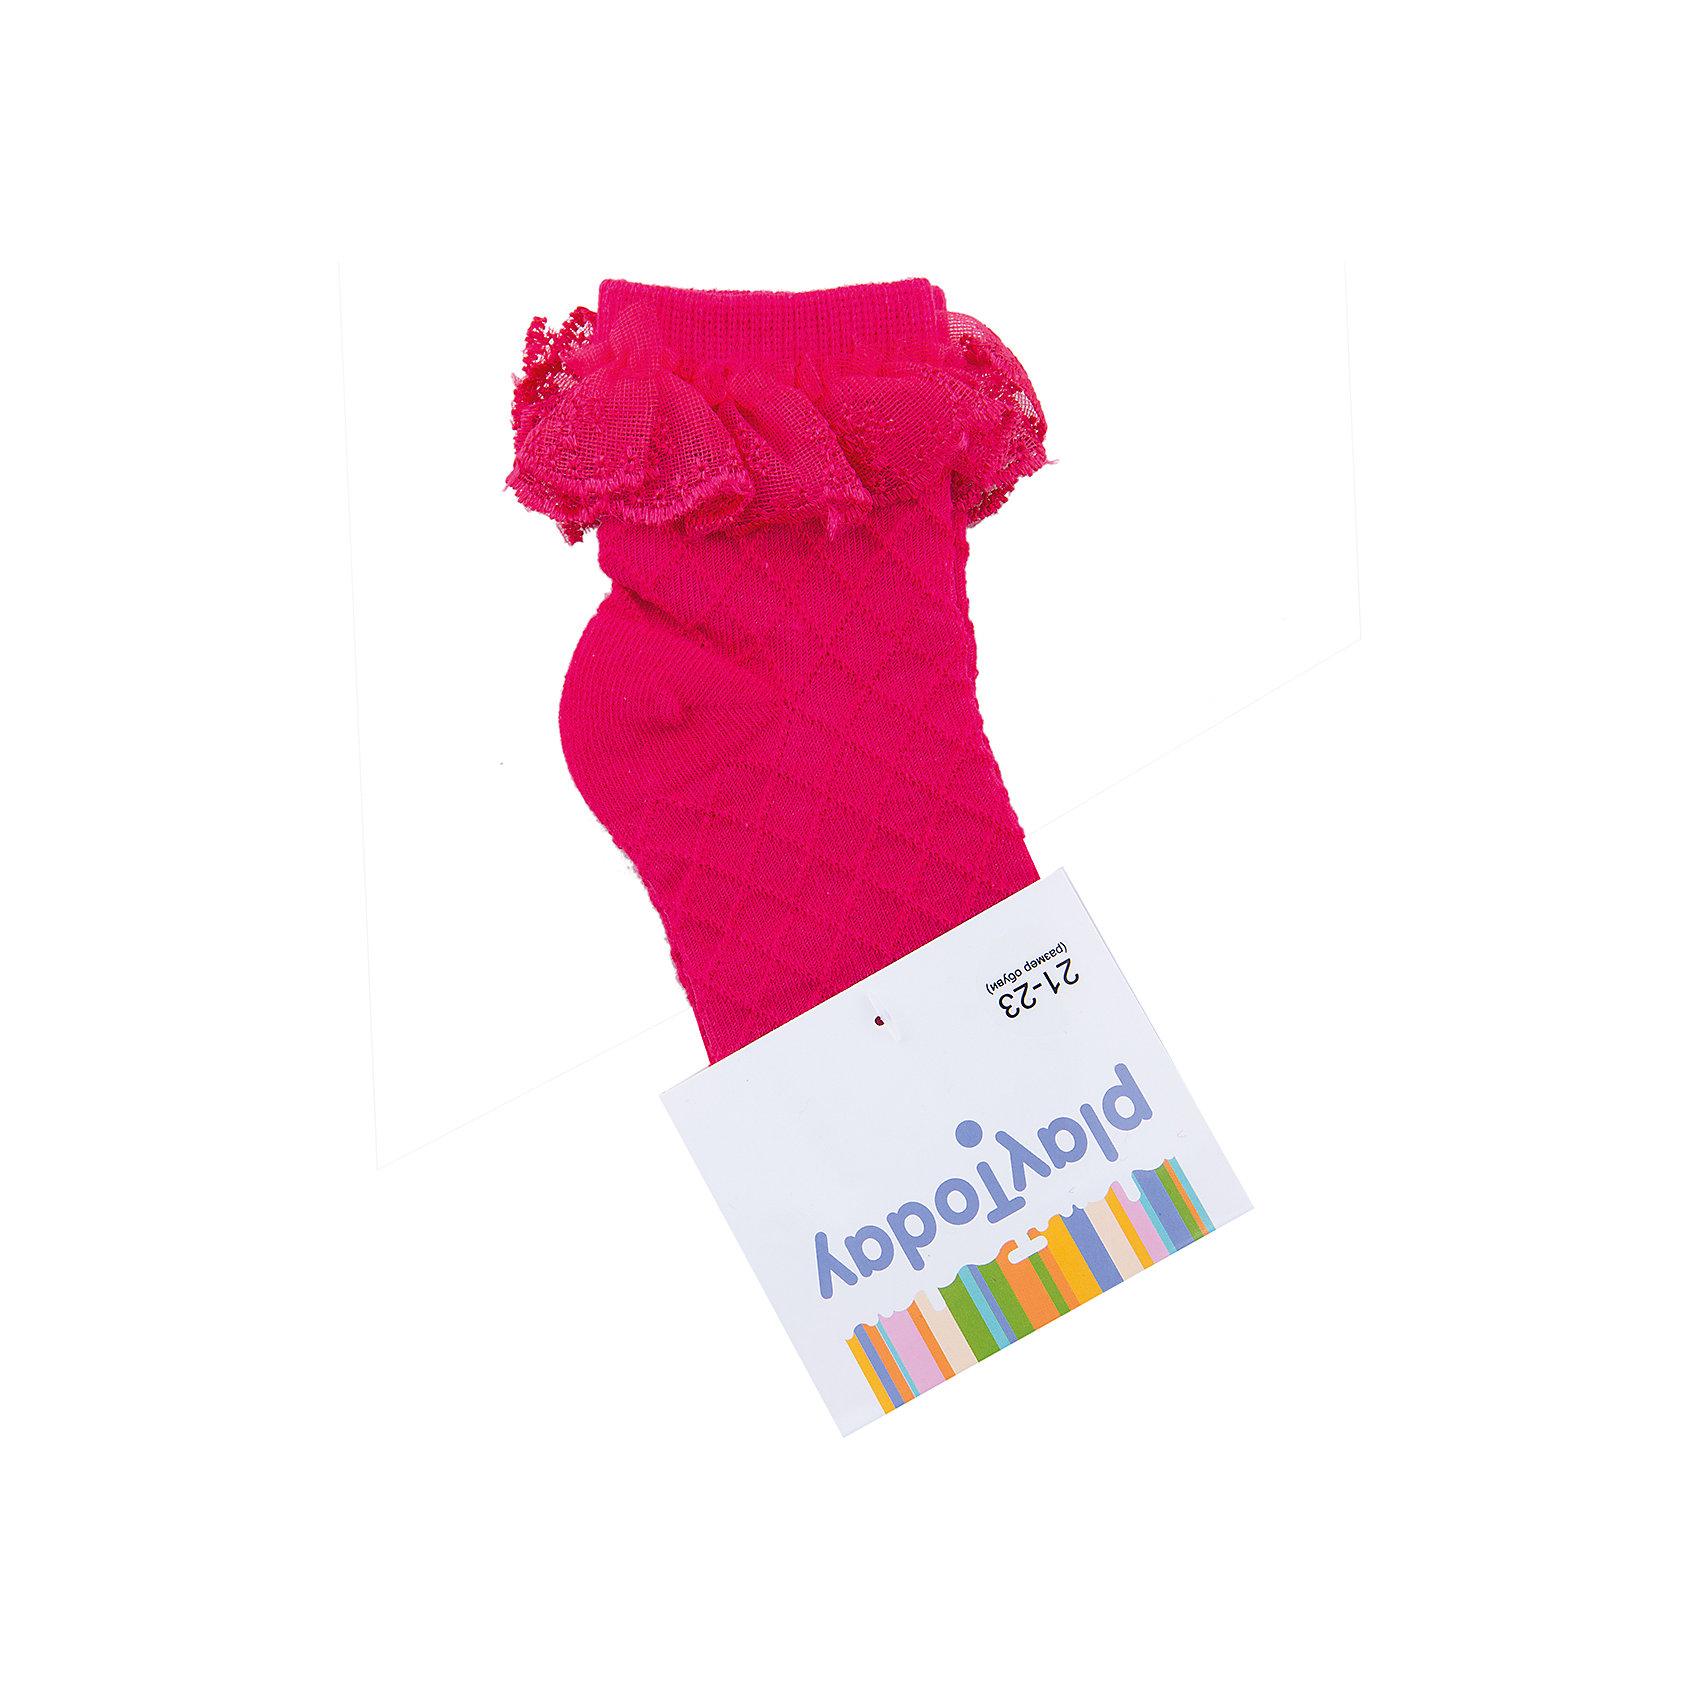 Носки для девочки PlayTodayНоски для девочки PlayToday<br>Носки очень мягкие, из качественных материалов, приятны к телу и не сковывают движений. Хорошо пропускают воздух, тем самым позволяя коже дышать.  Даже частые стирки, при условии соблюдений рекомендаций по уходу, не изменят ни форму, ни цвет изделий.Преимущества: Мягкие, выполненные из натуральных материалов, приятны к телу, не сковывают движенийХорошо пропускают воздух, позволяя тем самым коже дышатьДаже частые стирки, при условии соблюдений рекомендаций по уходу, не изменят ни форму, ни цвет изделия<br>Состав:<br>75% хлопок, 22% нейлон, 3% эластан<br><br>Ширина мм: 87<br>Глубина мм: 10<br>Высота мм: 105<br>Вес г: 115<br>Цвет: розовый<br>Возраст от месяцев: 84<br>Возраст до месяцев: 96<br>Пол: Женский<br>Возраст: Детский<br>Размер: 18,14,16<br>SKU: 5404537